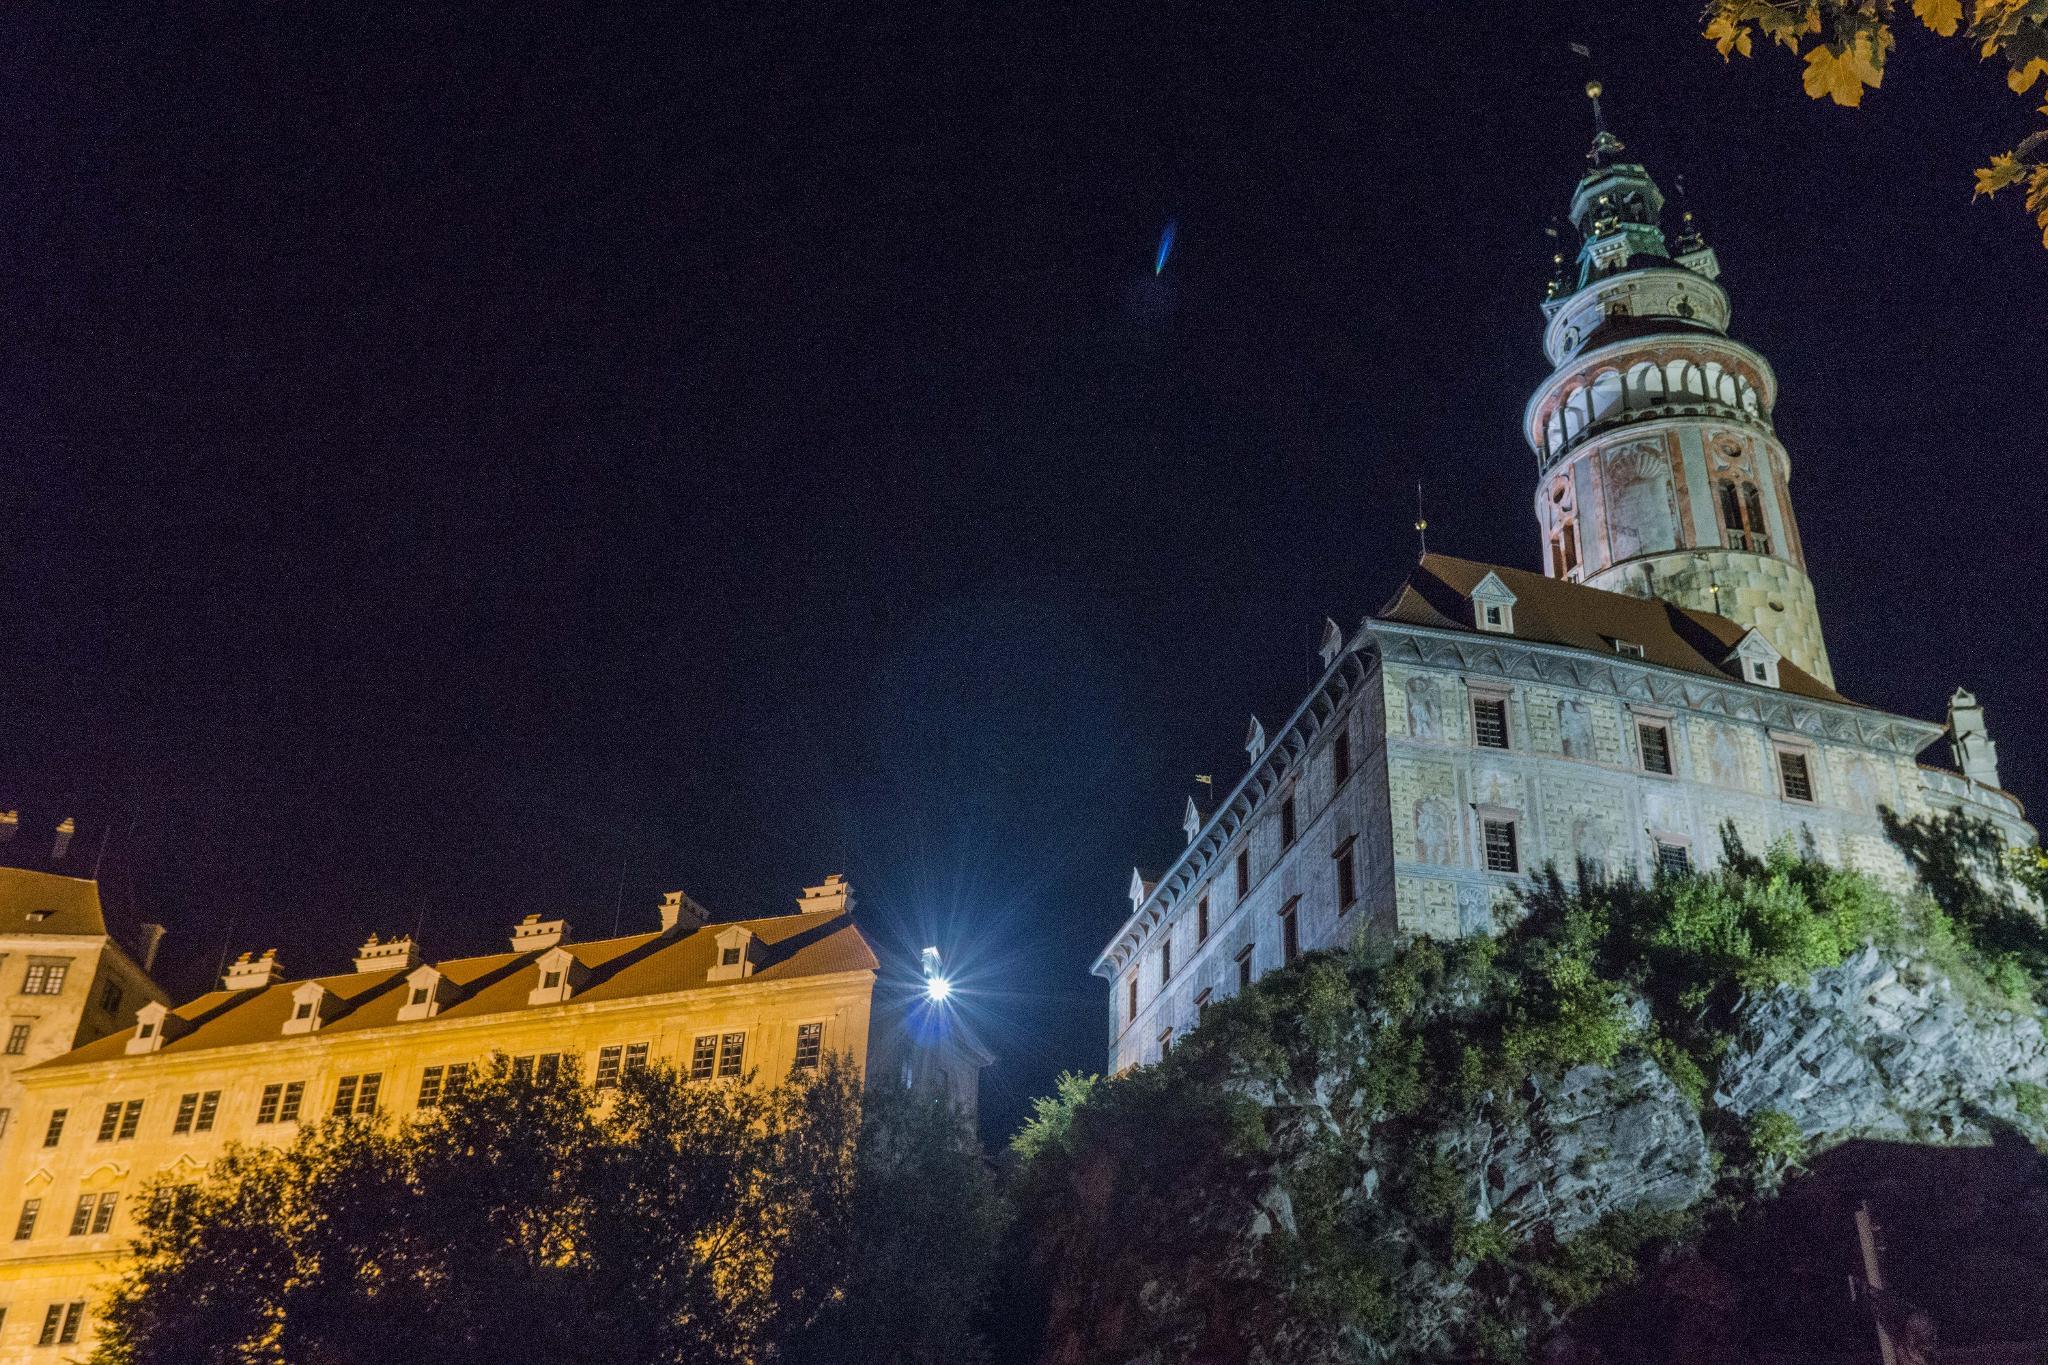 【捷克】行家推薦:Český Krumlov 庫倫洛夫攝影點總整理 & 私房夜景大公開! 34